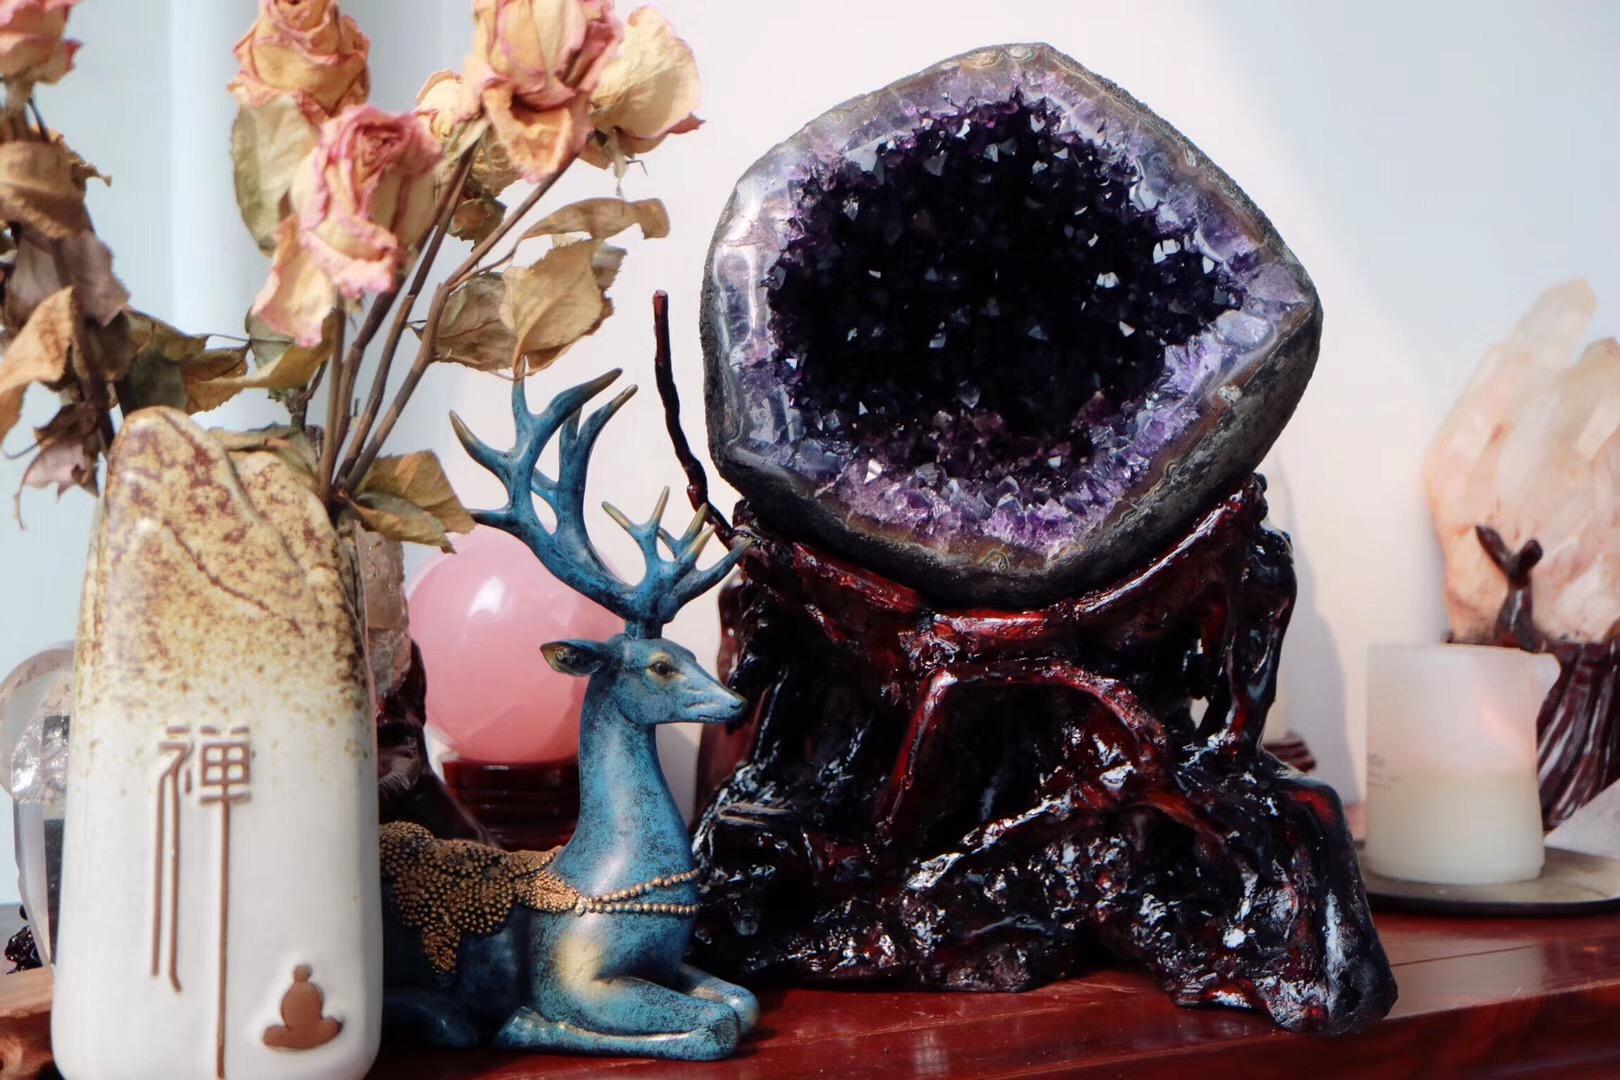 紫水晶洞不能放家里?为什么紫晶洞那么火?-菩心晶舍